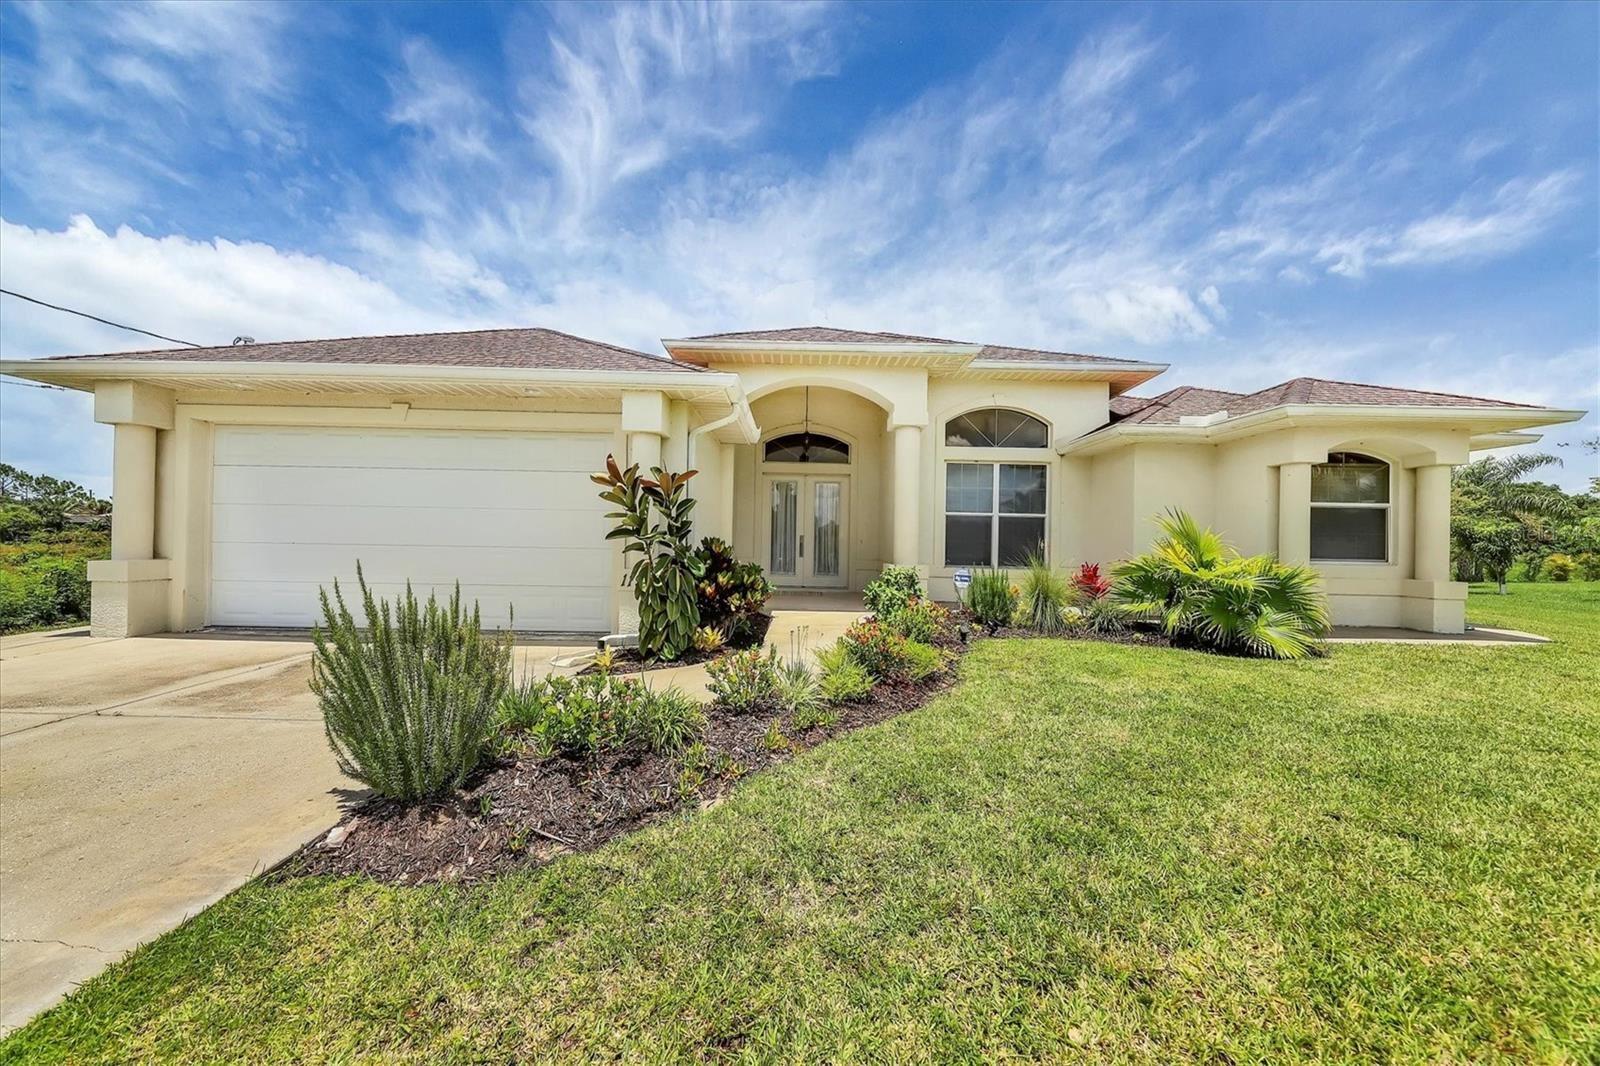 1199 N LIPSCOMB STREET, North Port, FL 34291 - #: N6116504